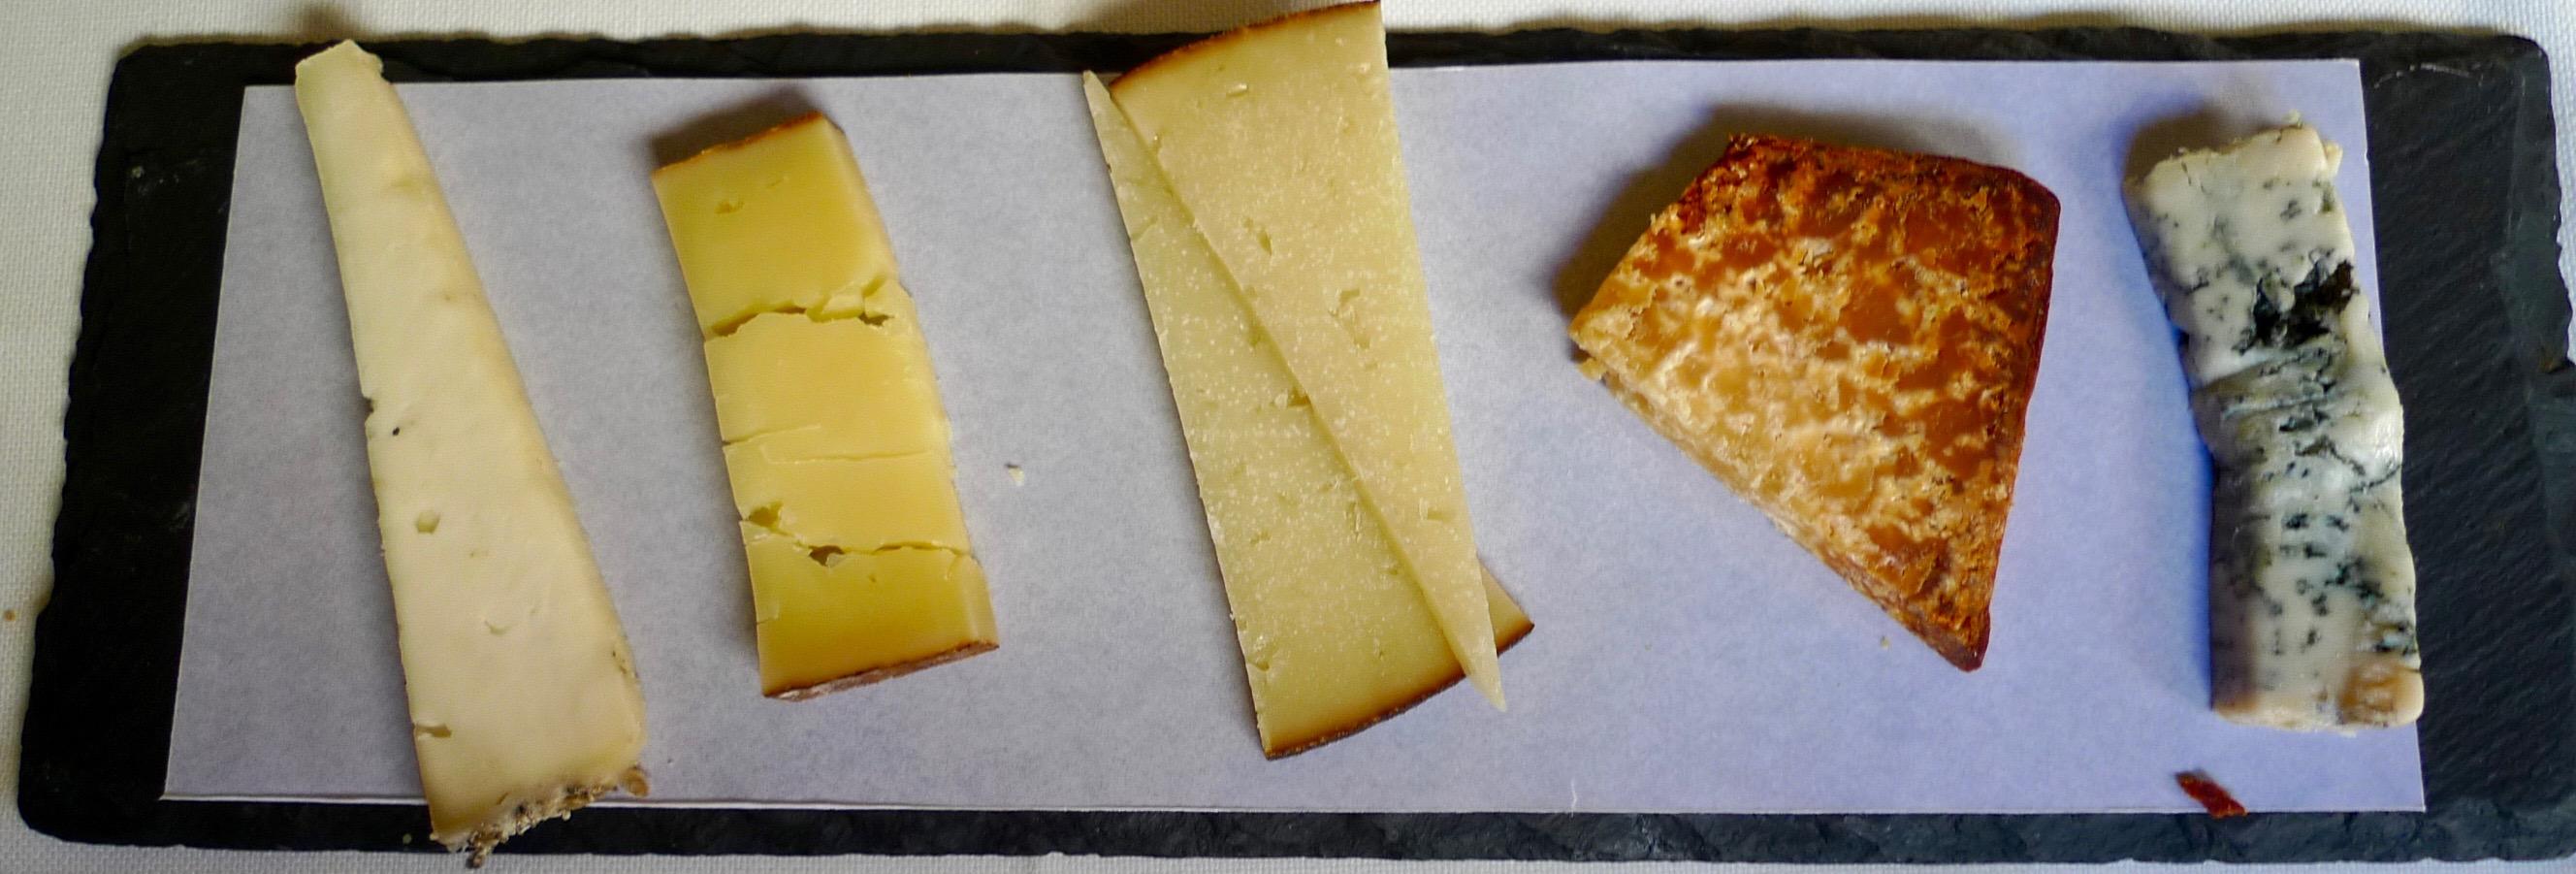 13_quesos_2